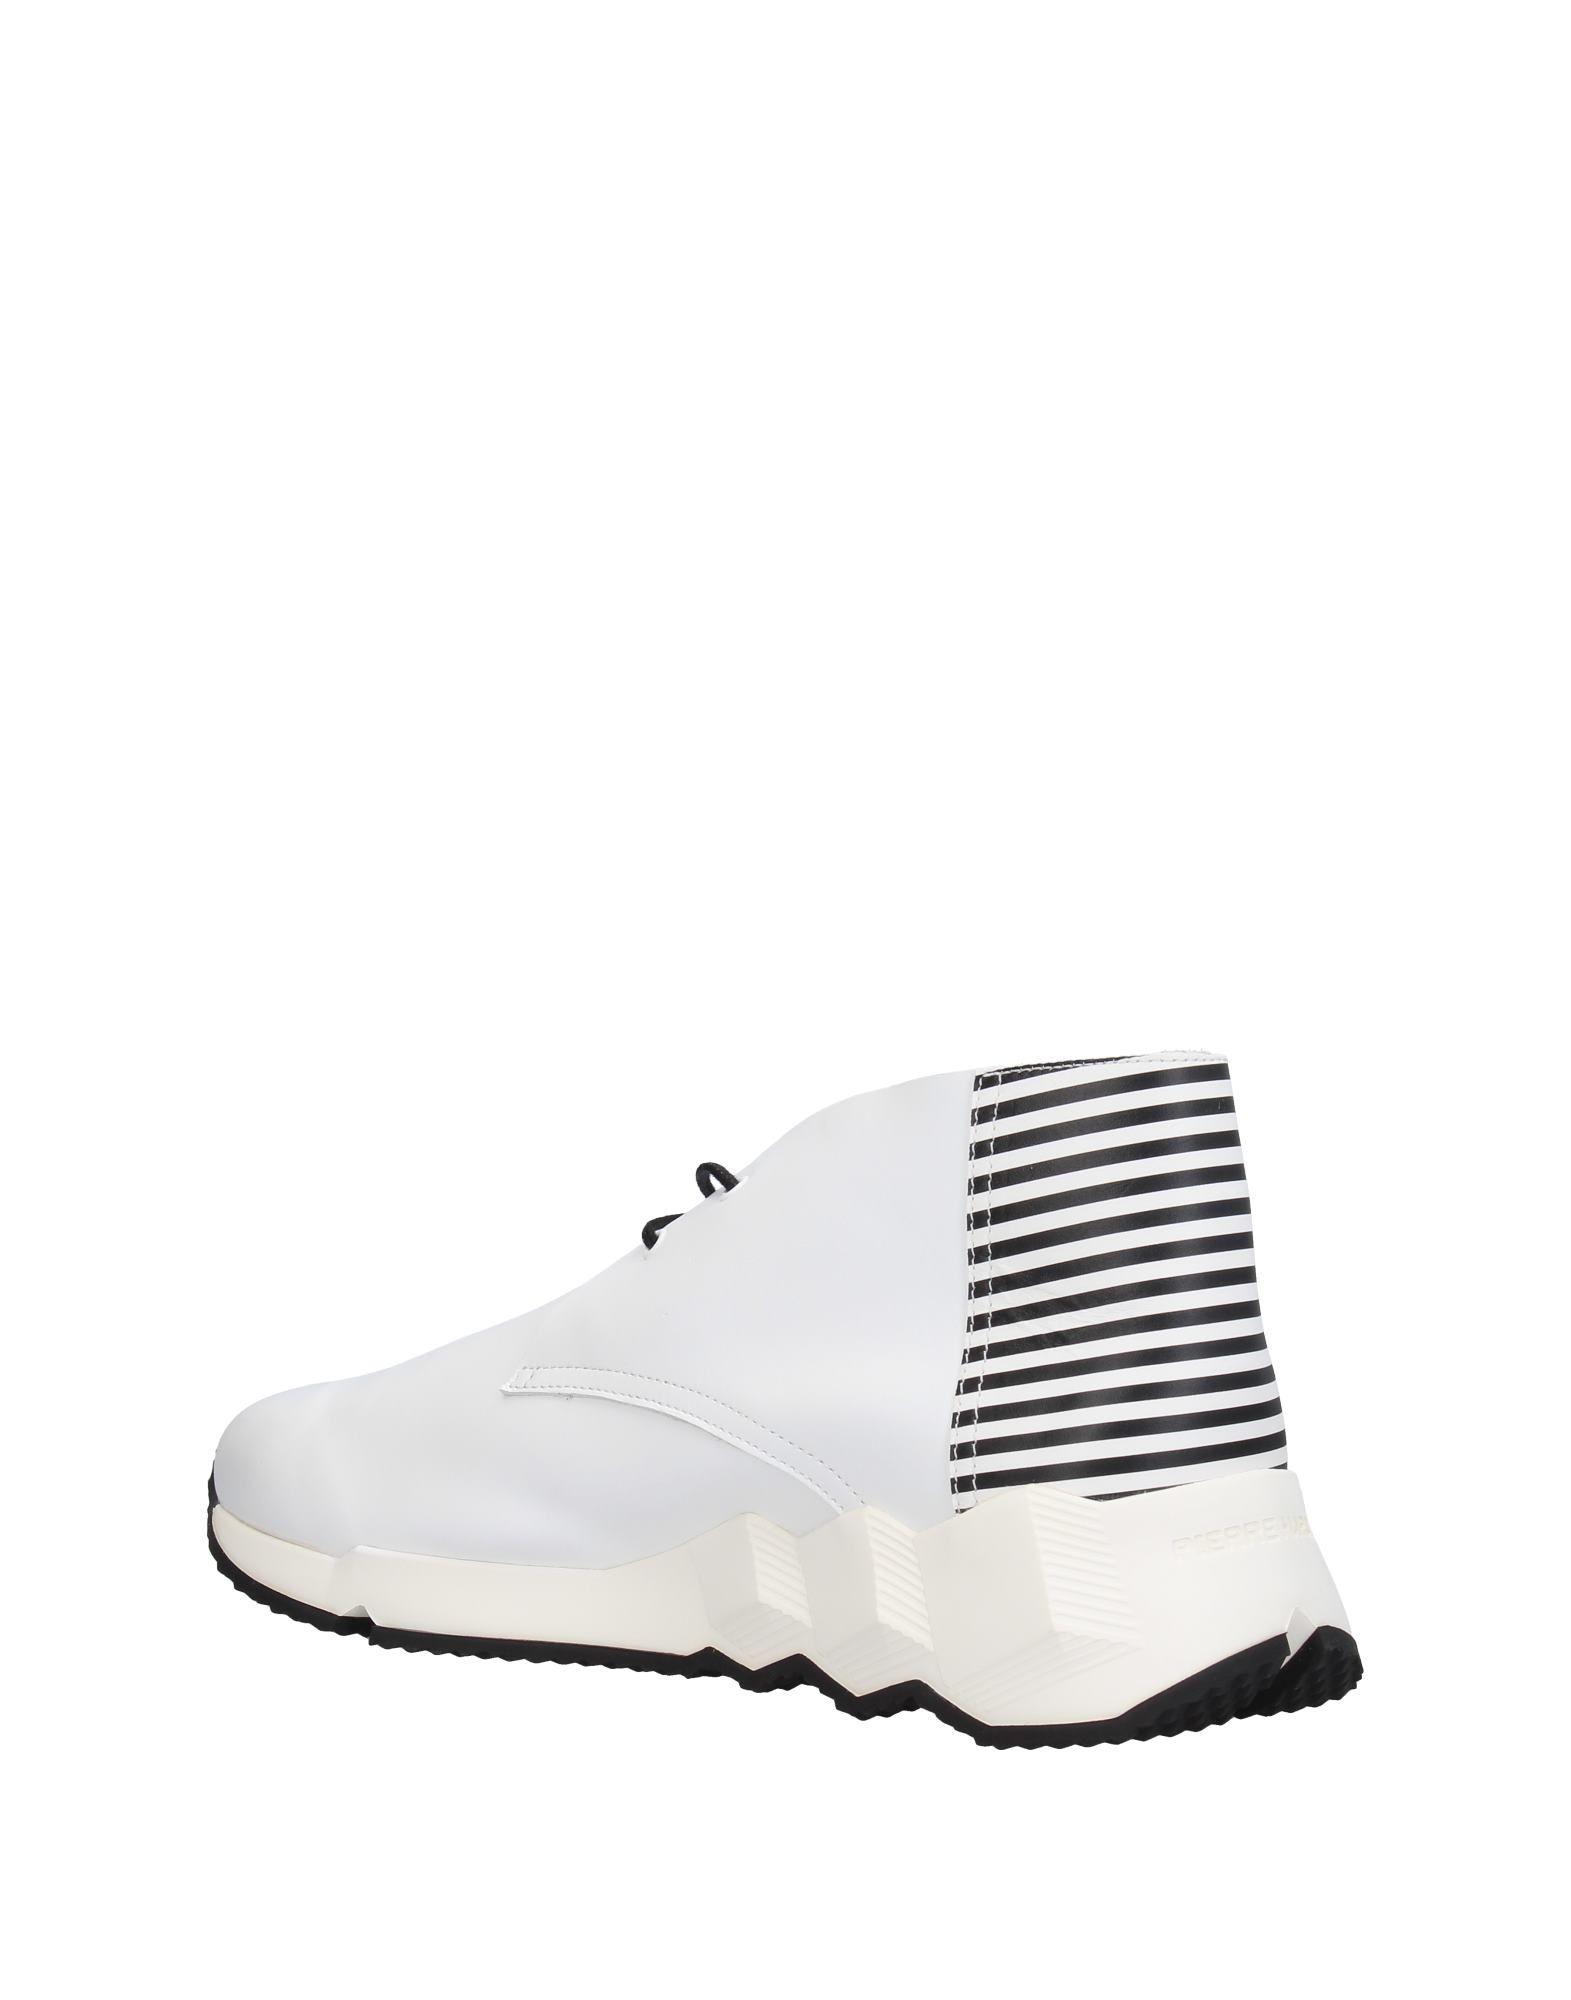 Pierre Hardy Sneakers Herren  11392706UO Gute Qualität beliebte Schuhe